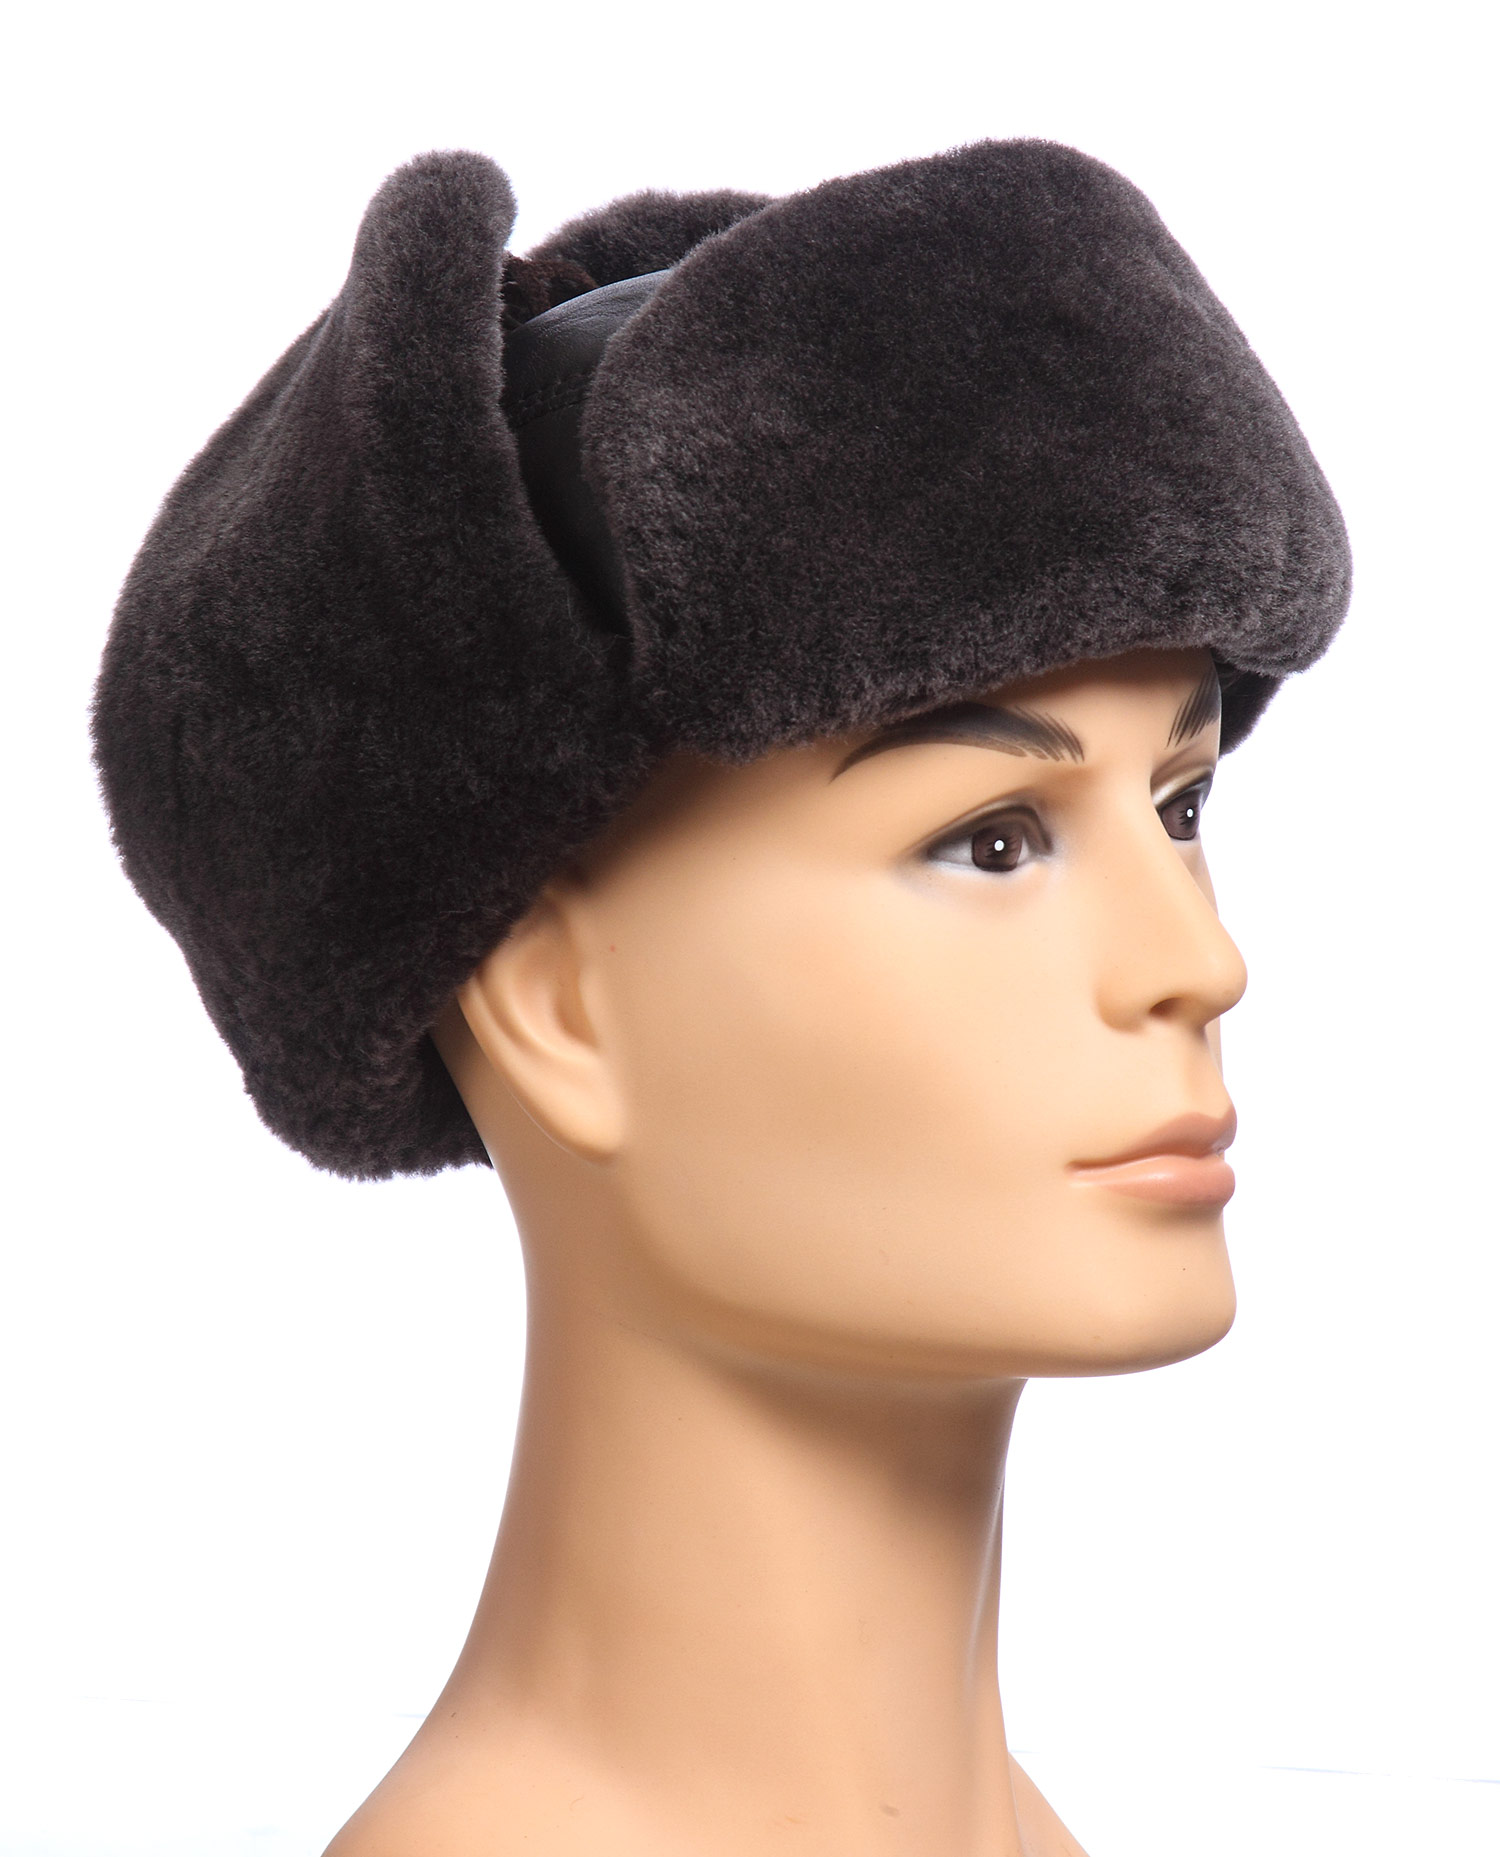 Шапка мужская из натуральной кожи, отделка овчина<br><br>Материал: Кожа овчина<br>Цвет: коричневый<br>Пол: Мужской<br>Размер RU: 58-59